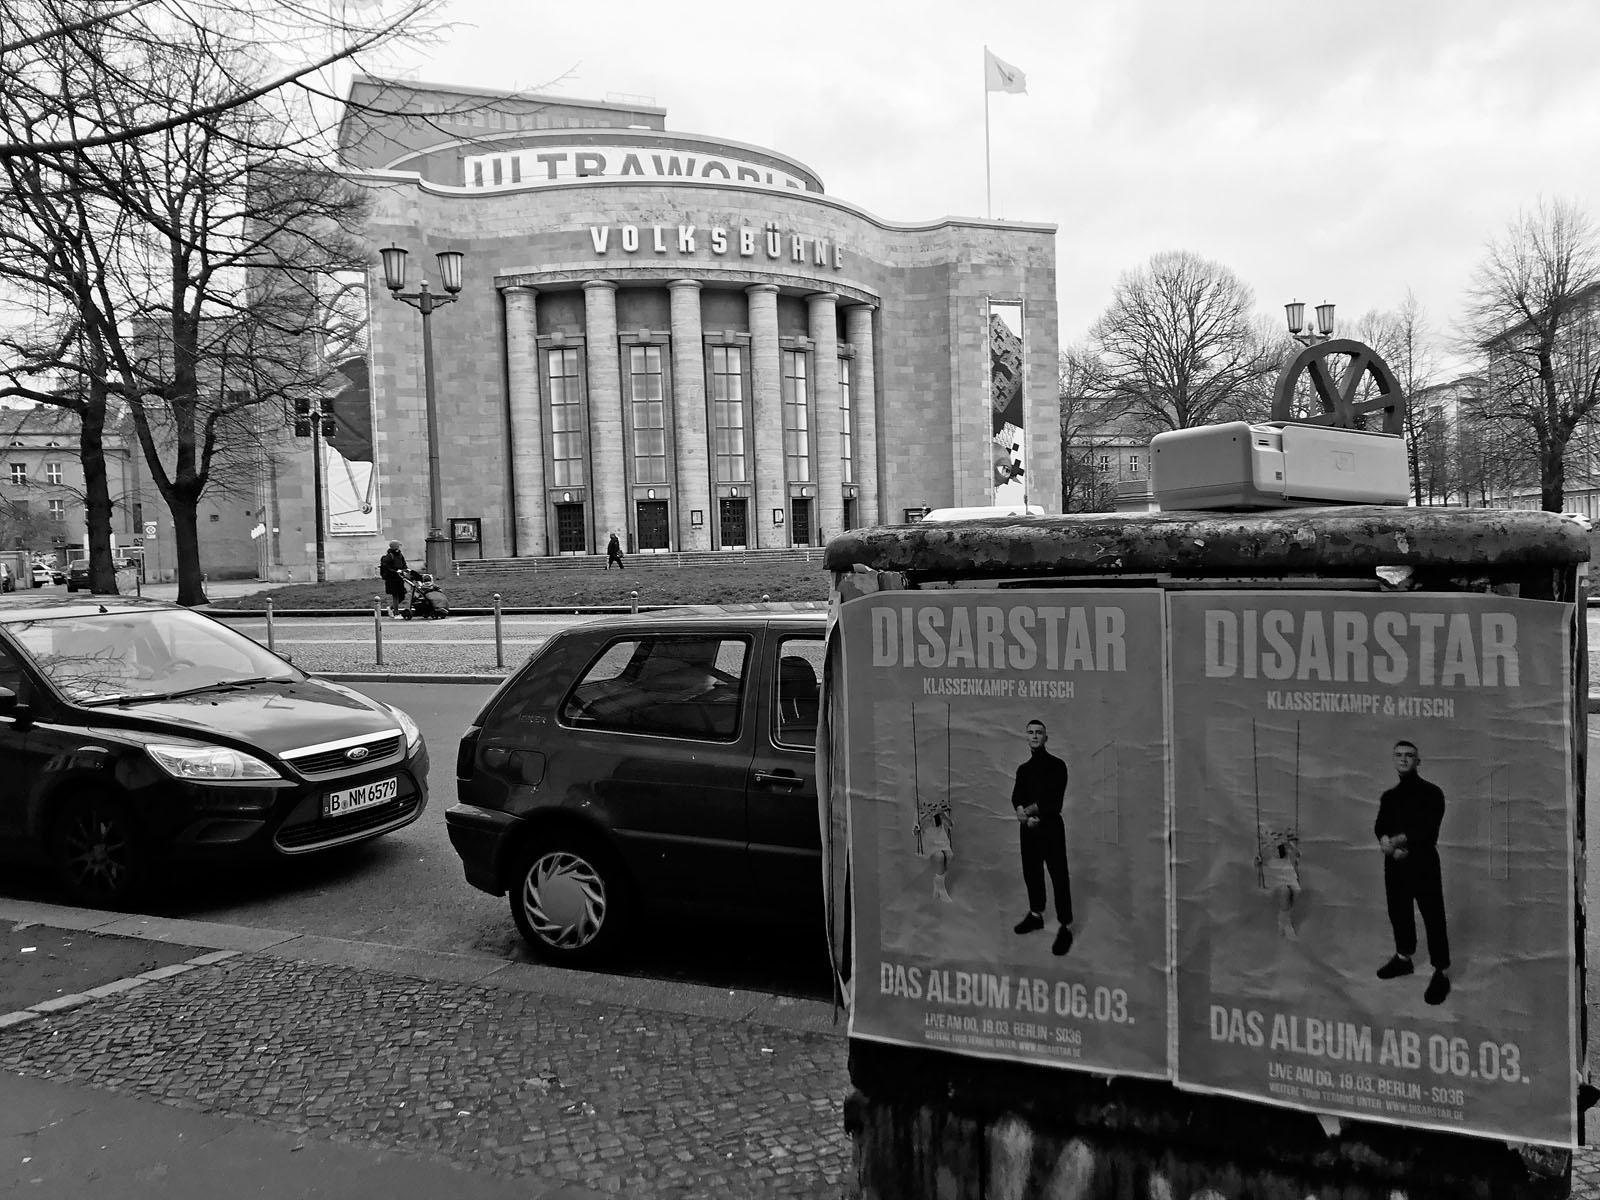 Flächen - Berlin